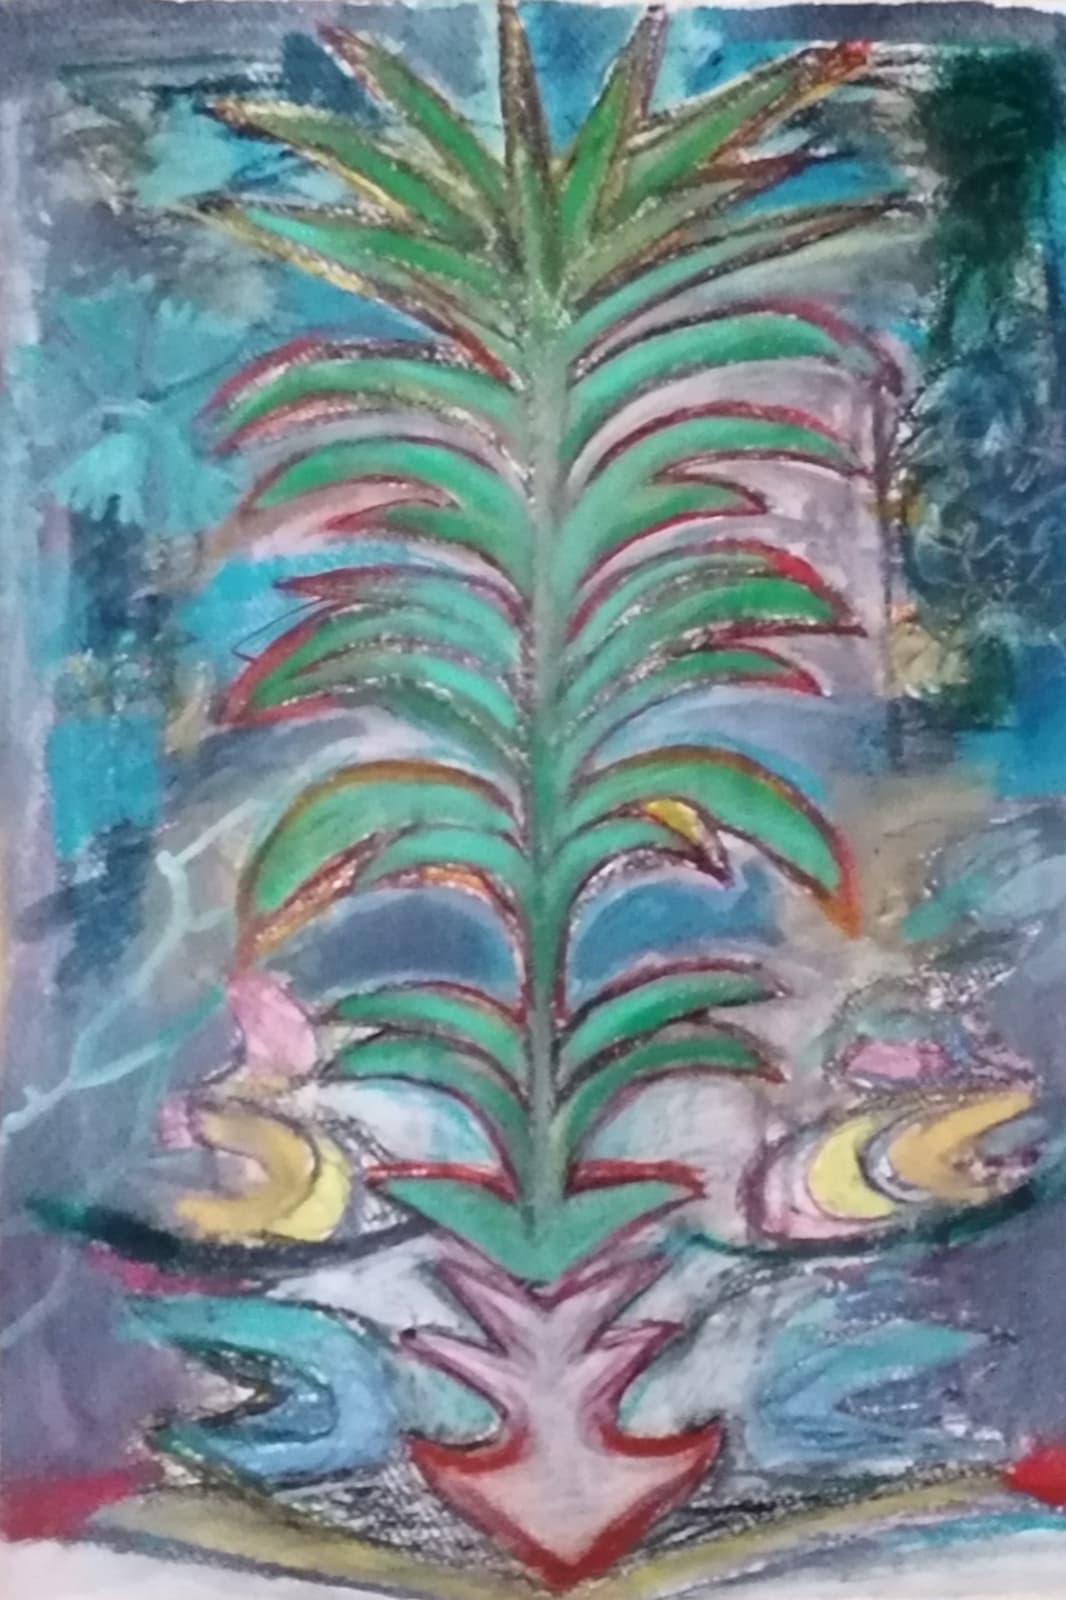 COSTANZA CHIA, TREE, 2020